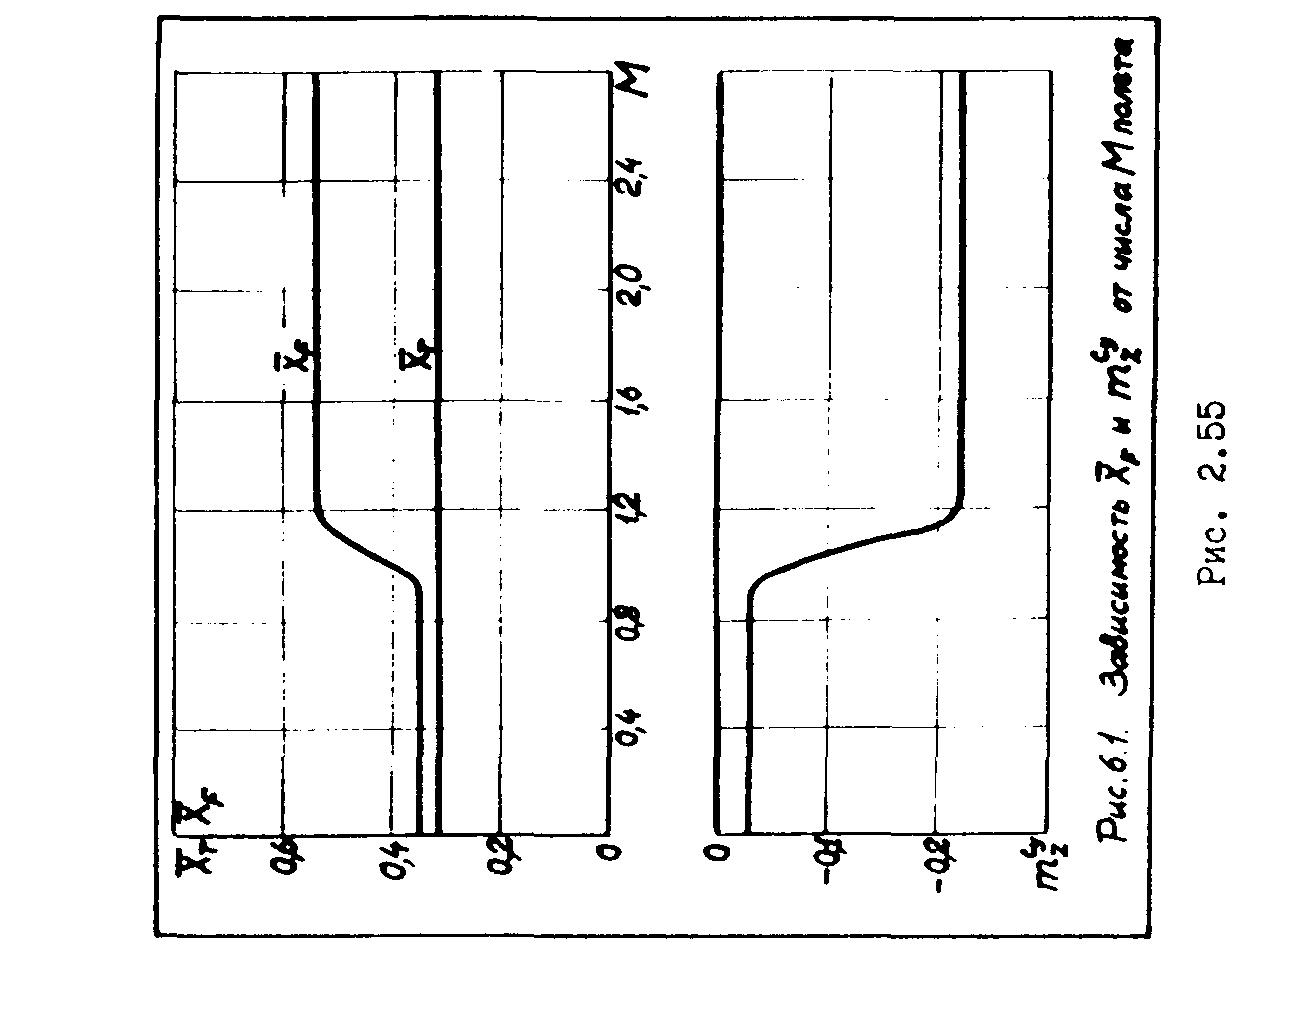 Объемная компоновка и центровка самолета 2 7 РАЗРАБОТКА КОНСТРУКЦИИ АГРЕГАТА